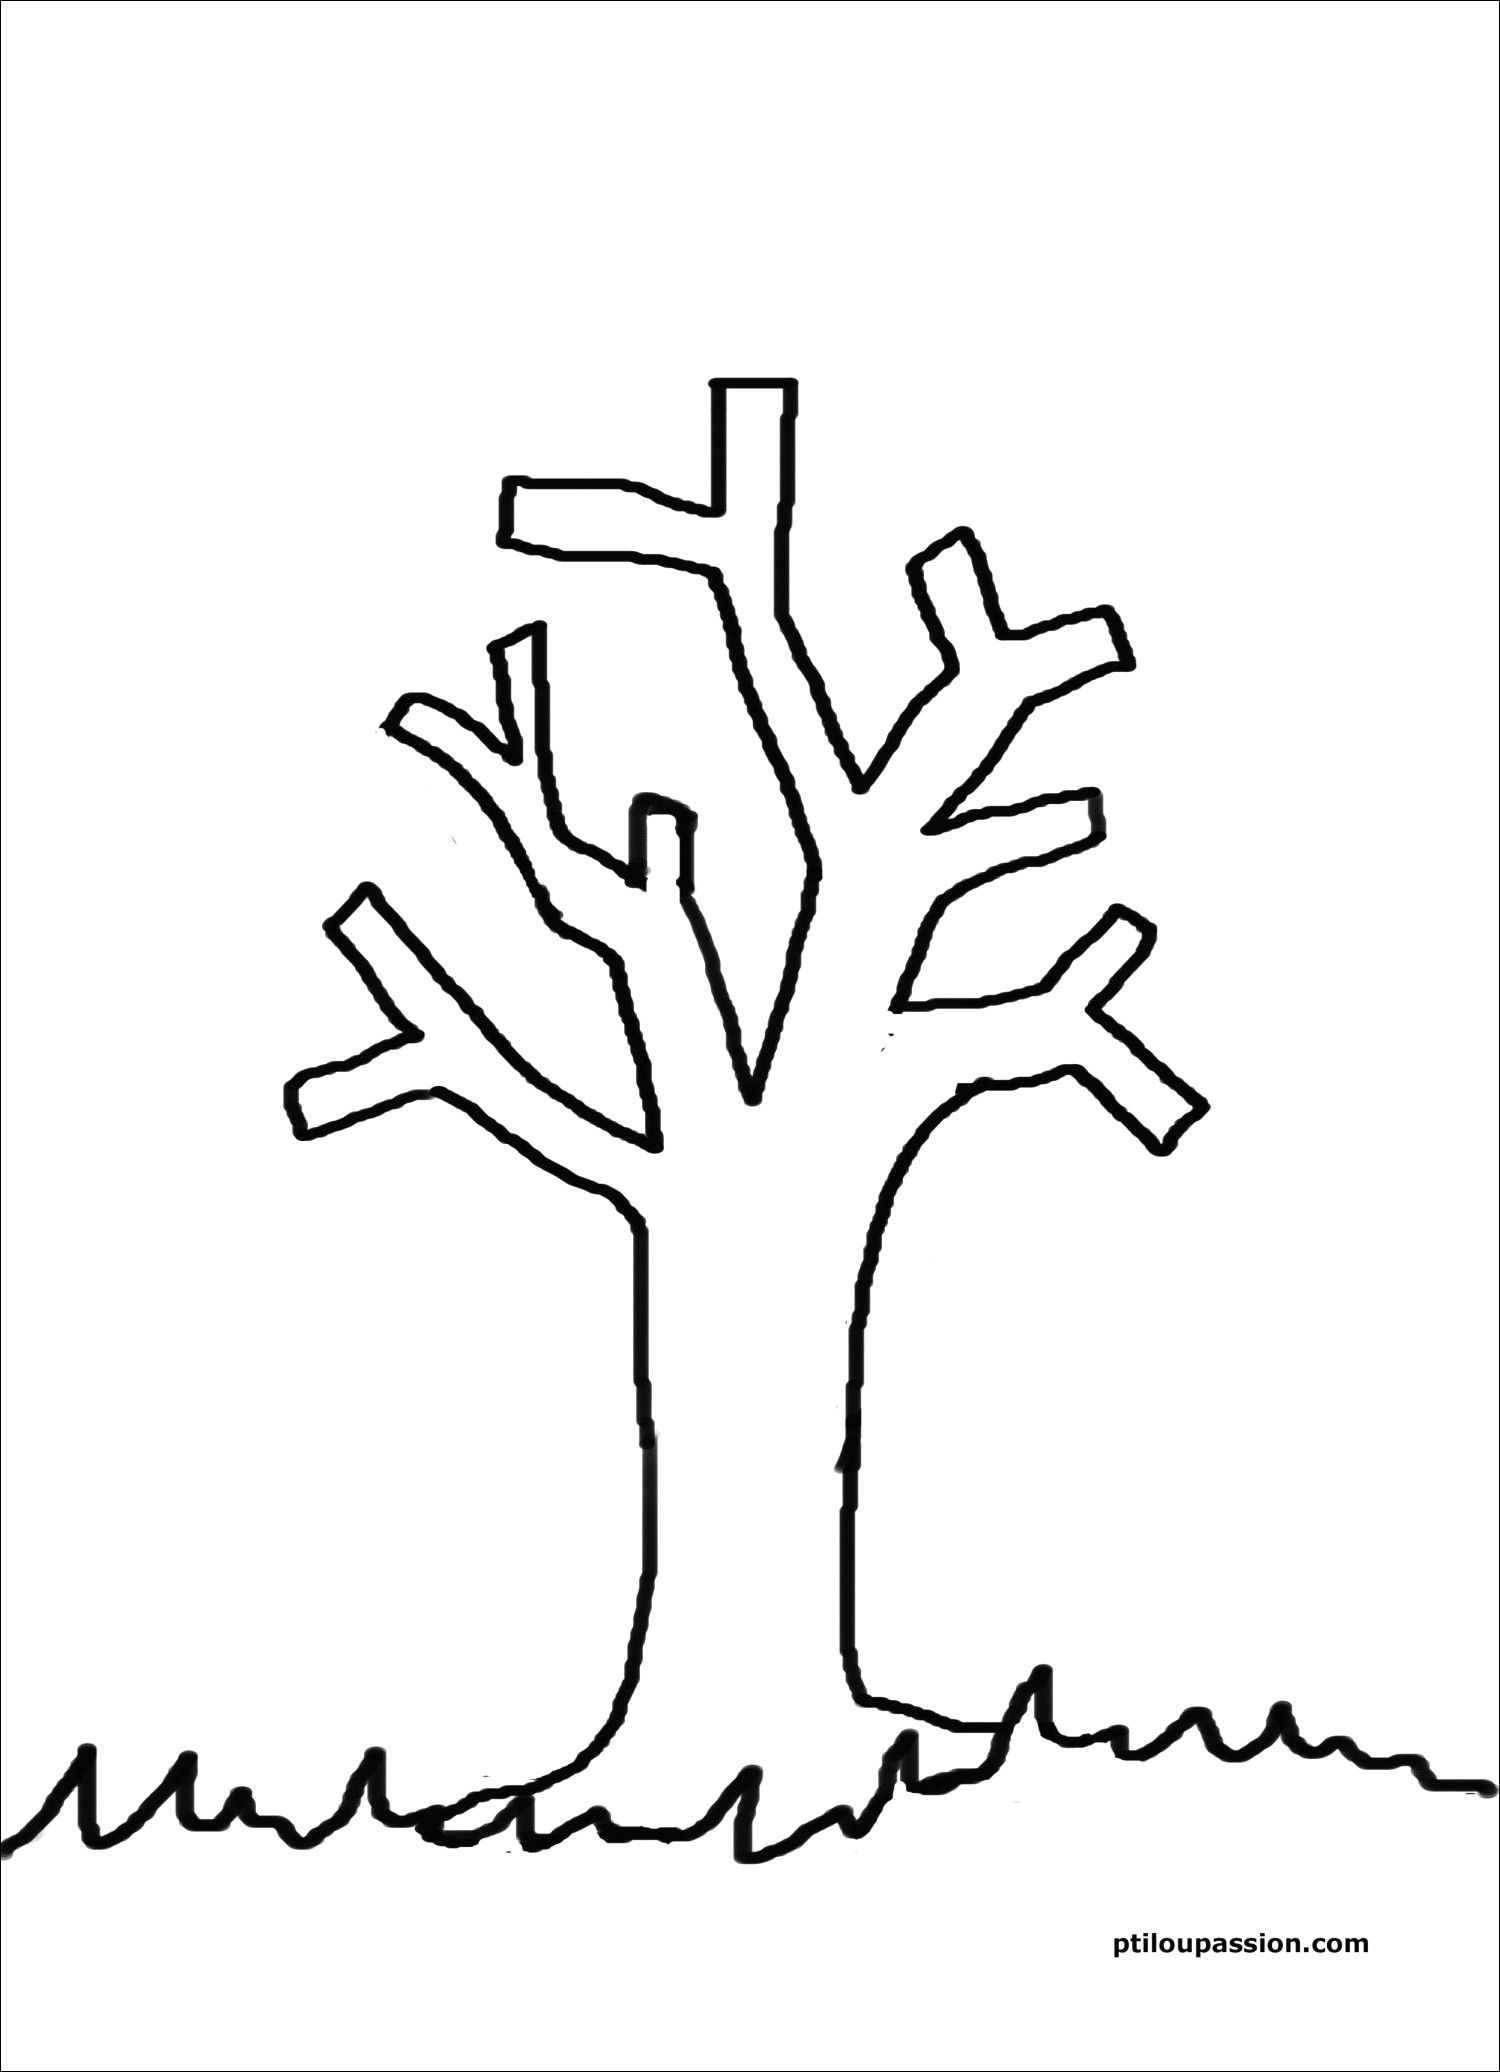 Dessin De Feuille D Arbre A Imprimer - destiné Dessin De Feuille D Arbre À Imprimer